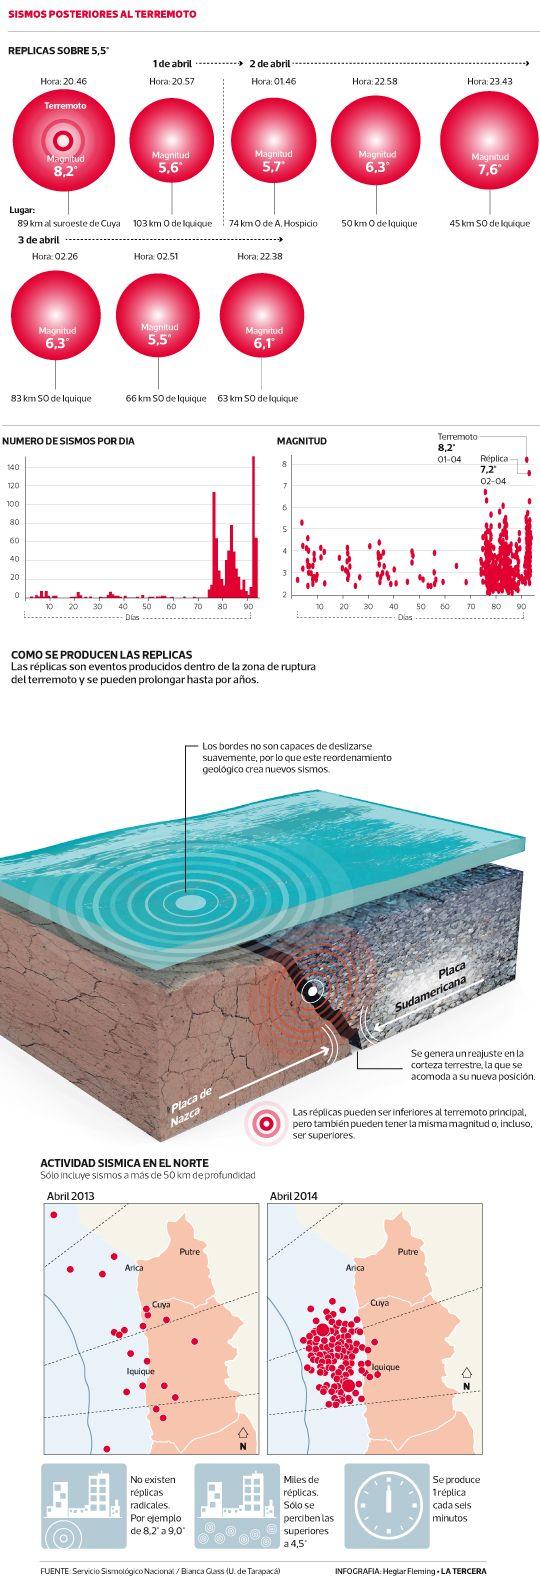 Catorce temblores por hora y más de 300 réplicas. Desde el 16 de marzo se han registrado 900 sismos. Experto duda que temblor de 7,6° del miércoles sea réplica, sino que la activación de una zona más al sur. #Chile 2014